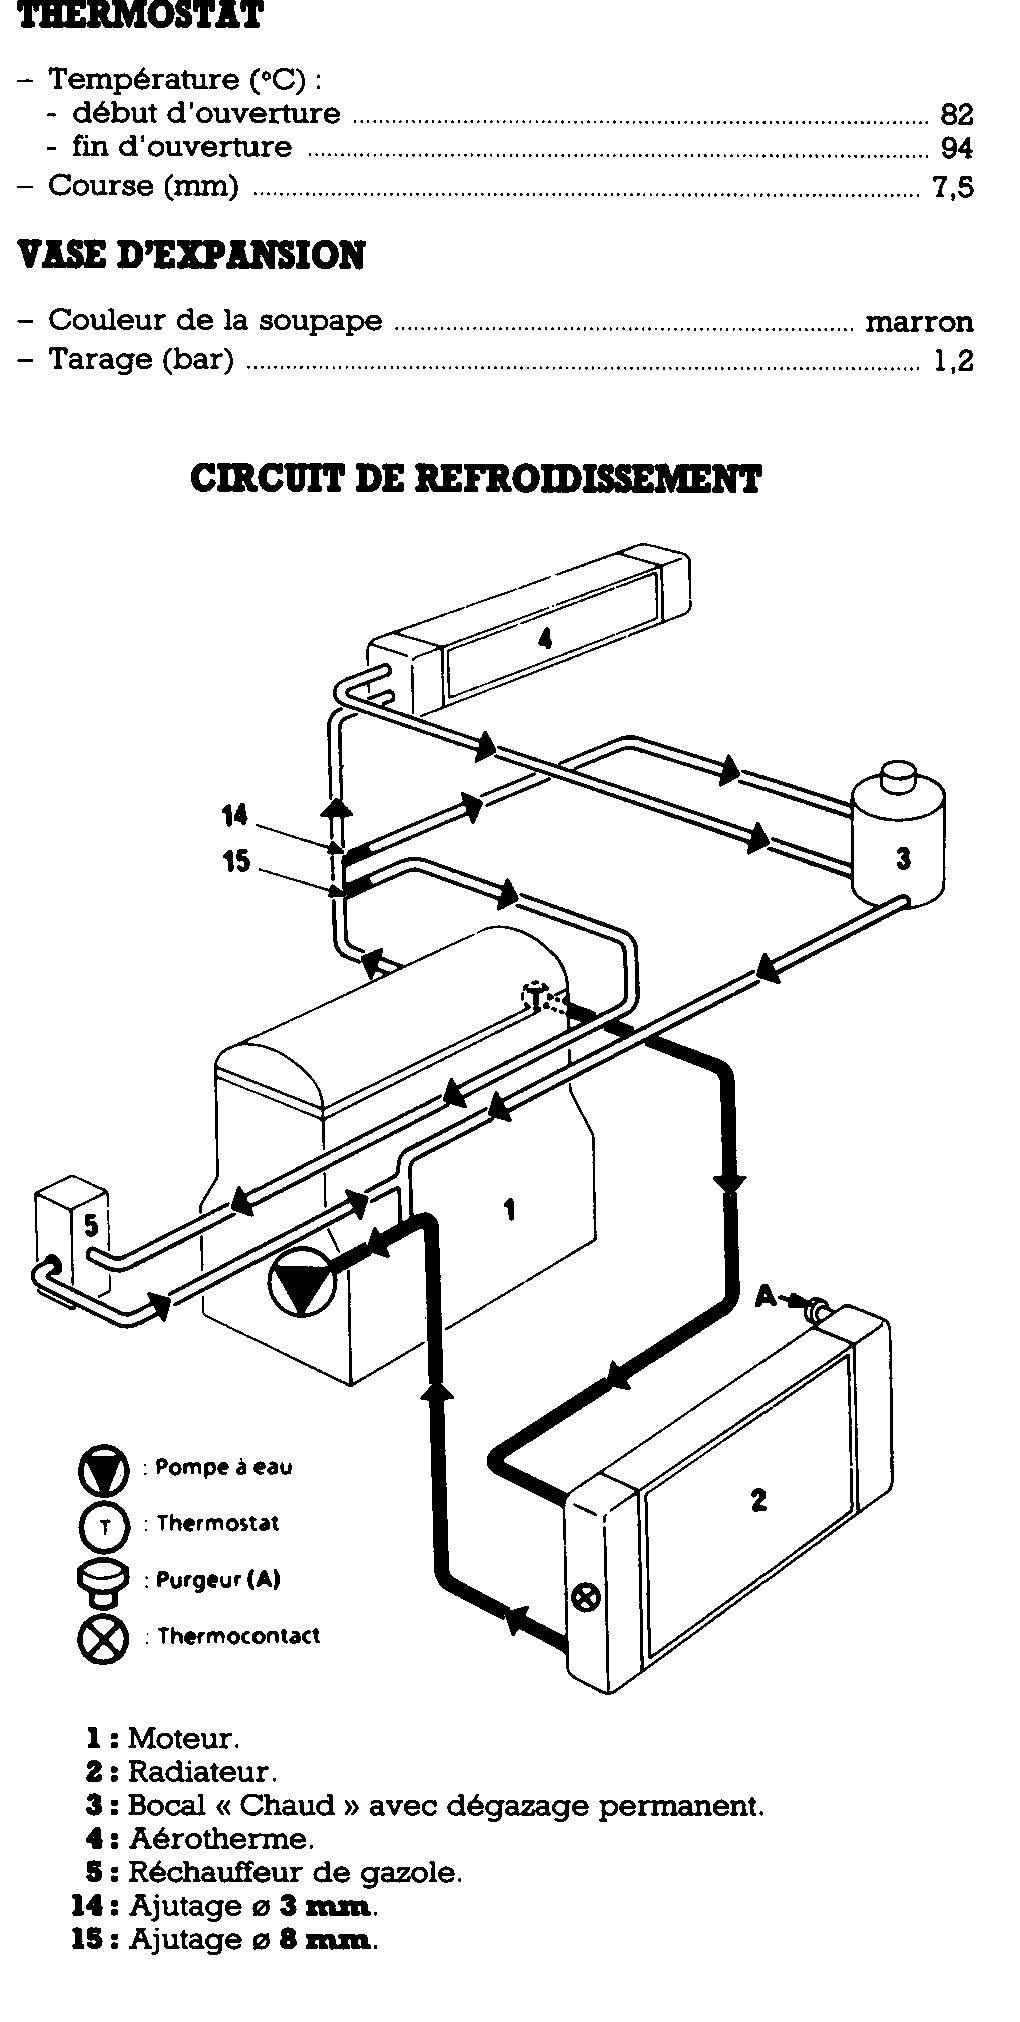 recherche infos sur sh ma circuit refroidissement renault express diesel auto evasion. Black Bedroom Furniture Sets. Home Design Ideas